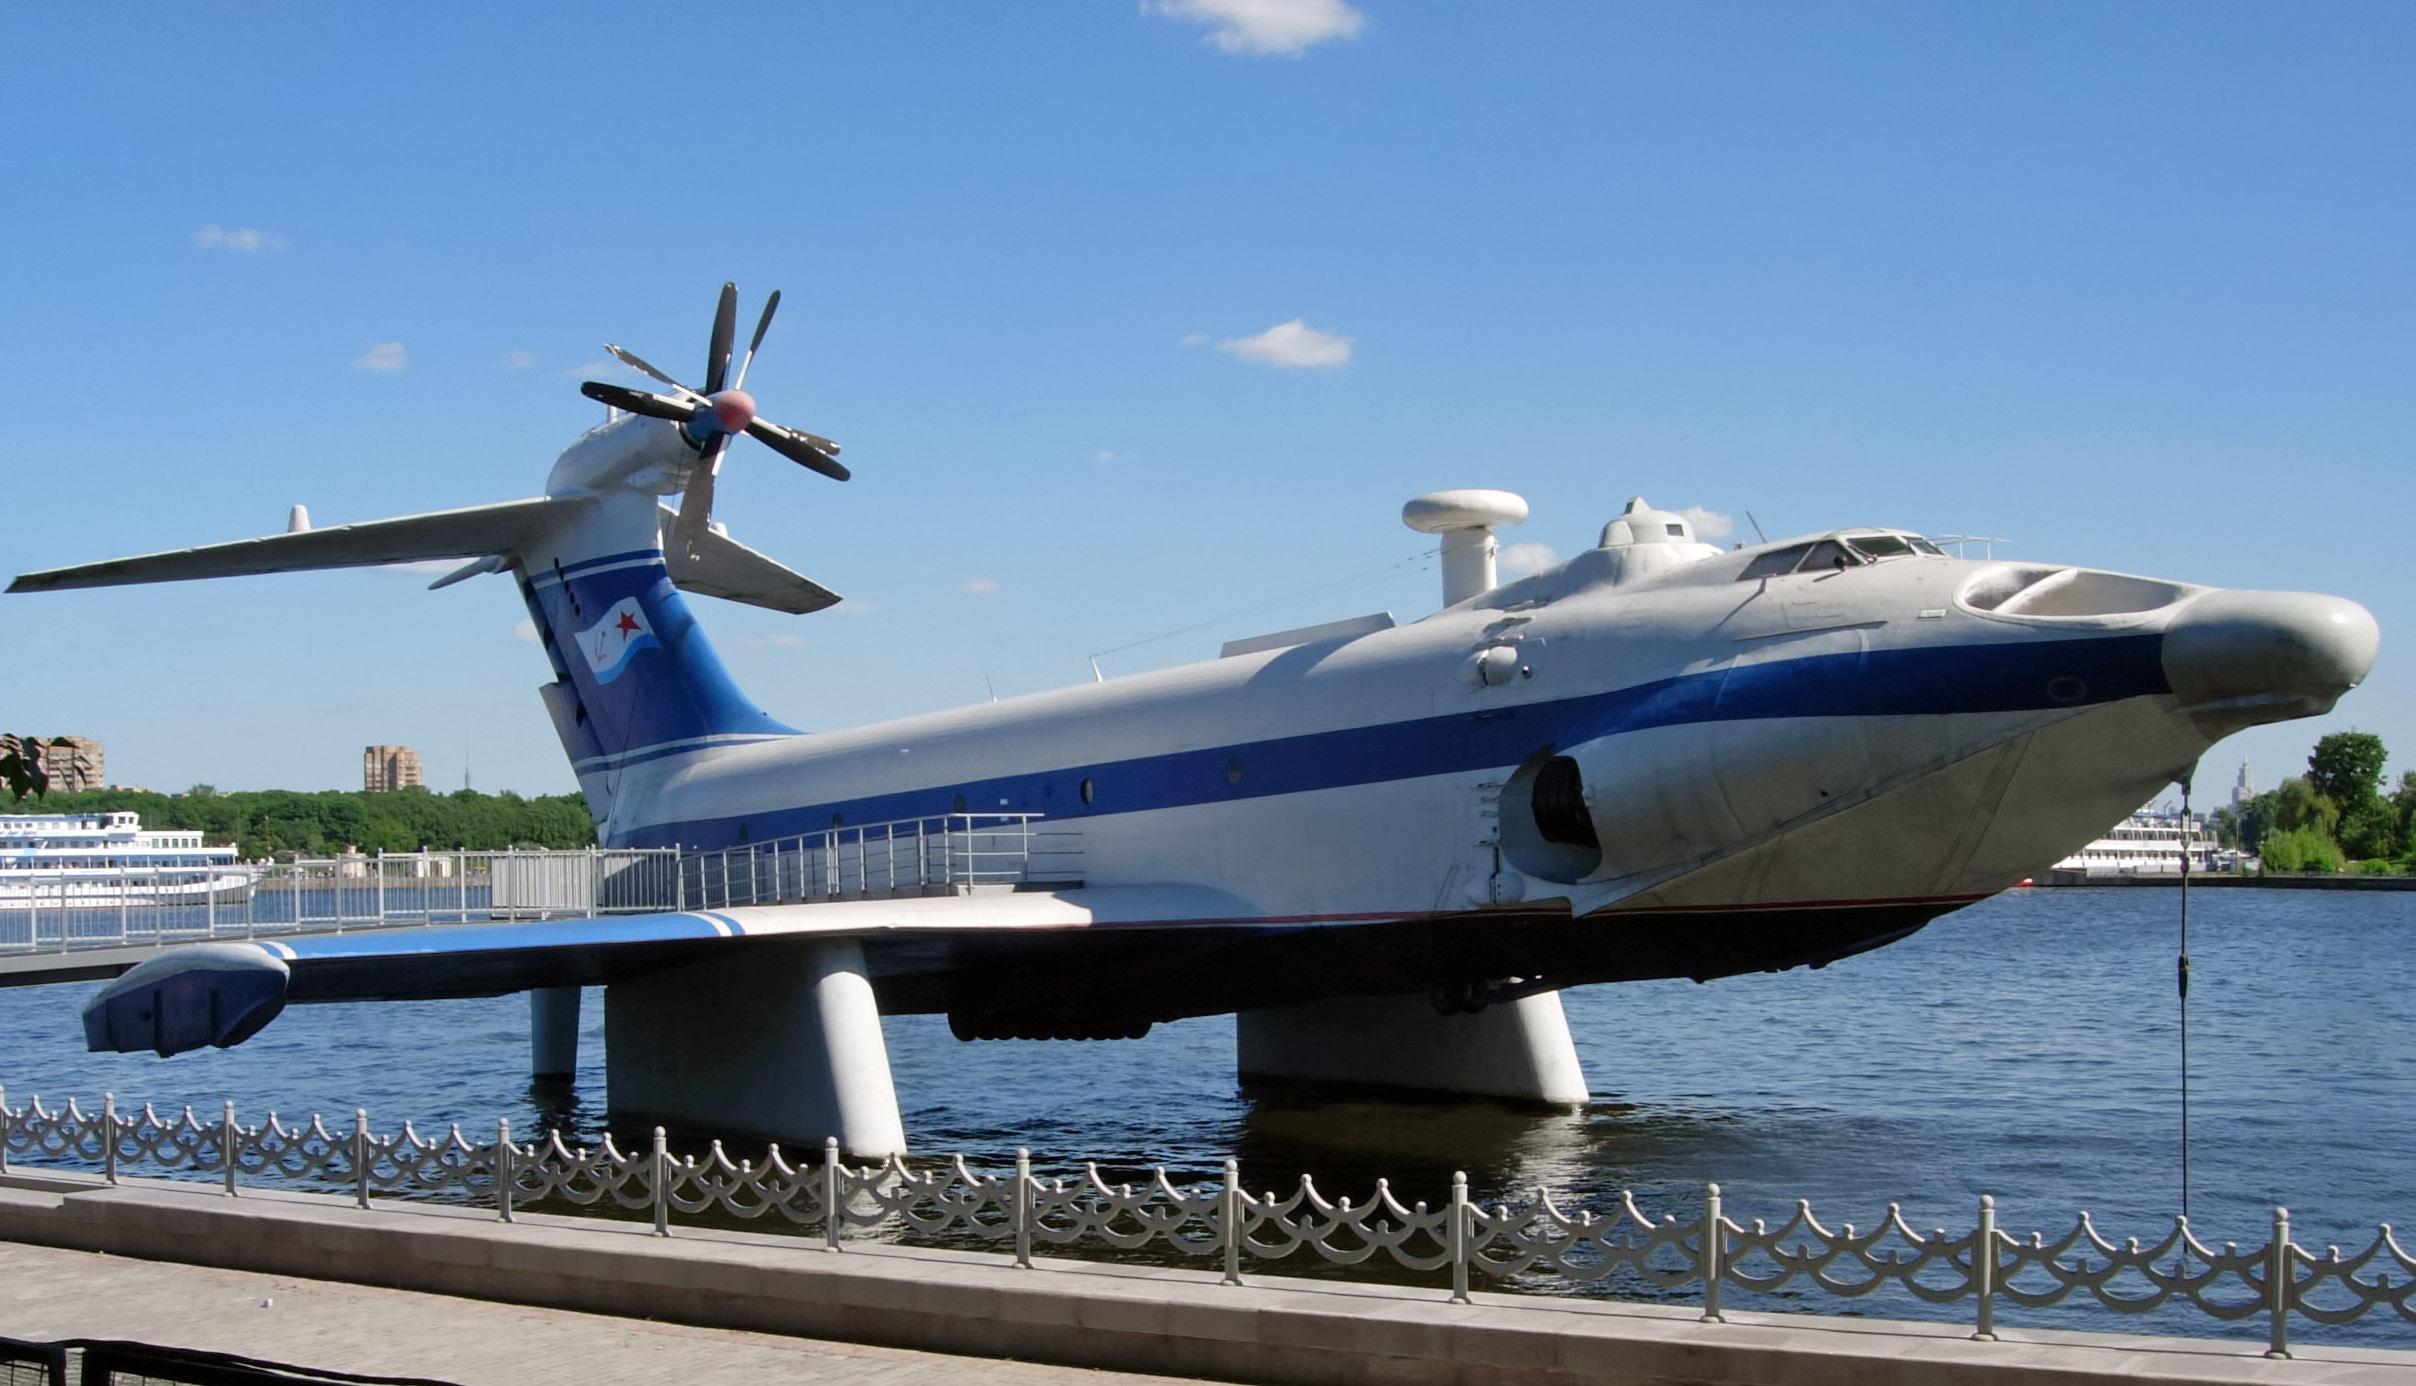 Ekranoplan_A-90_Orlyonok_-_edit.jpg